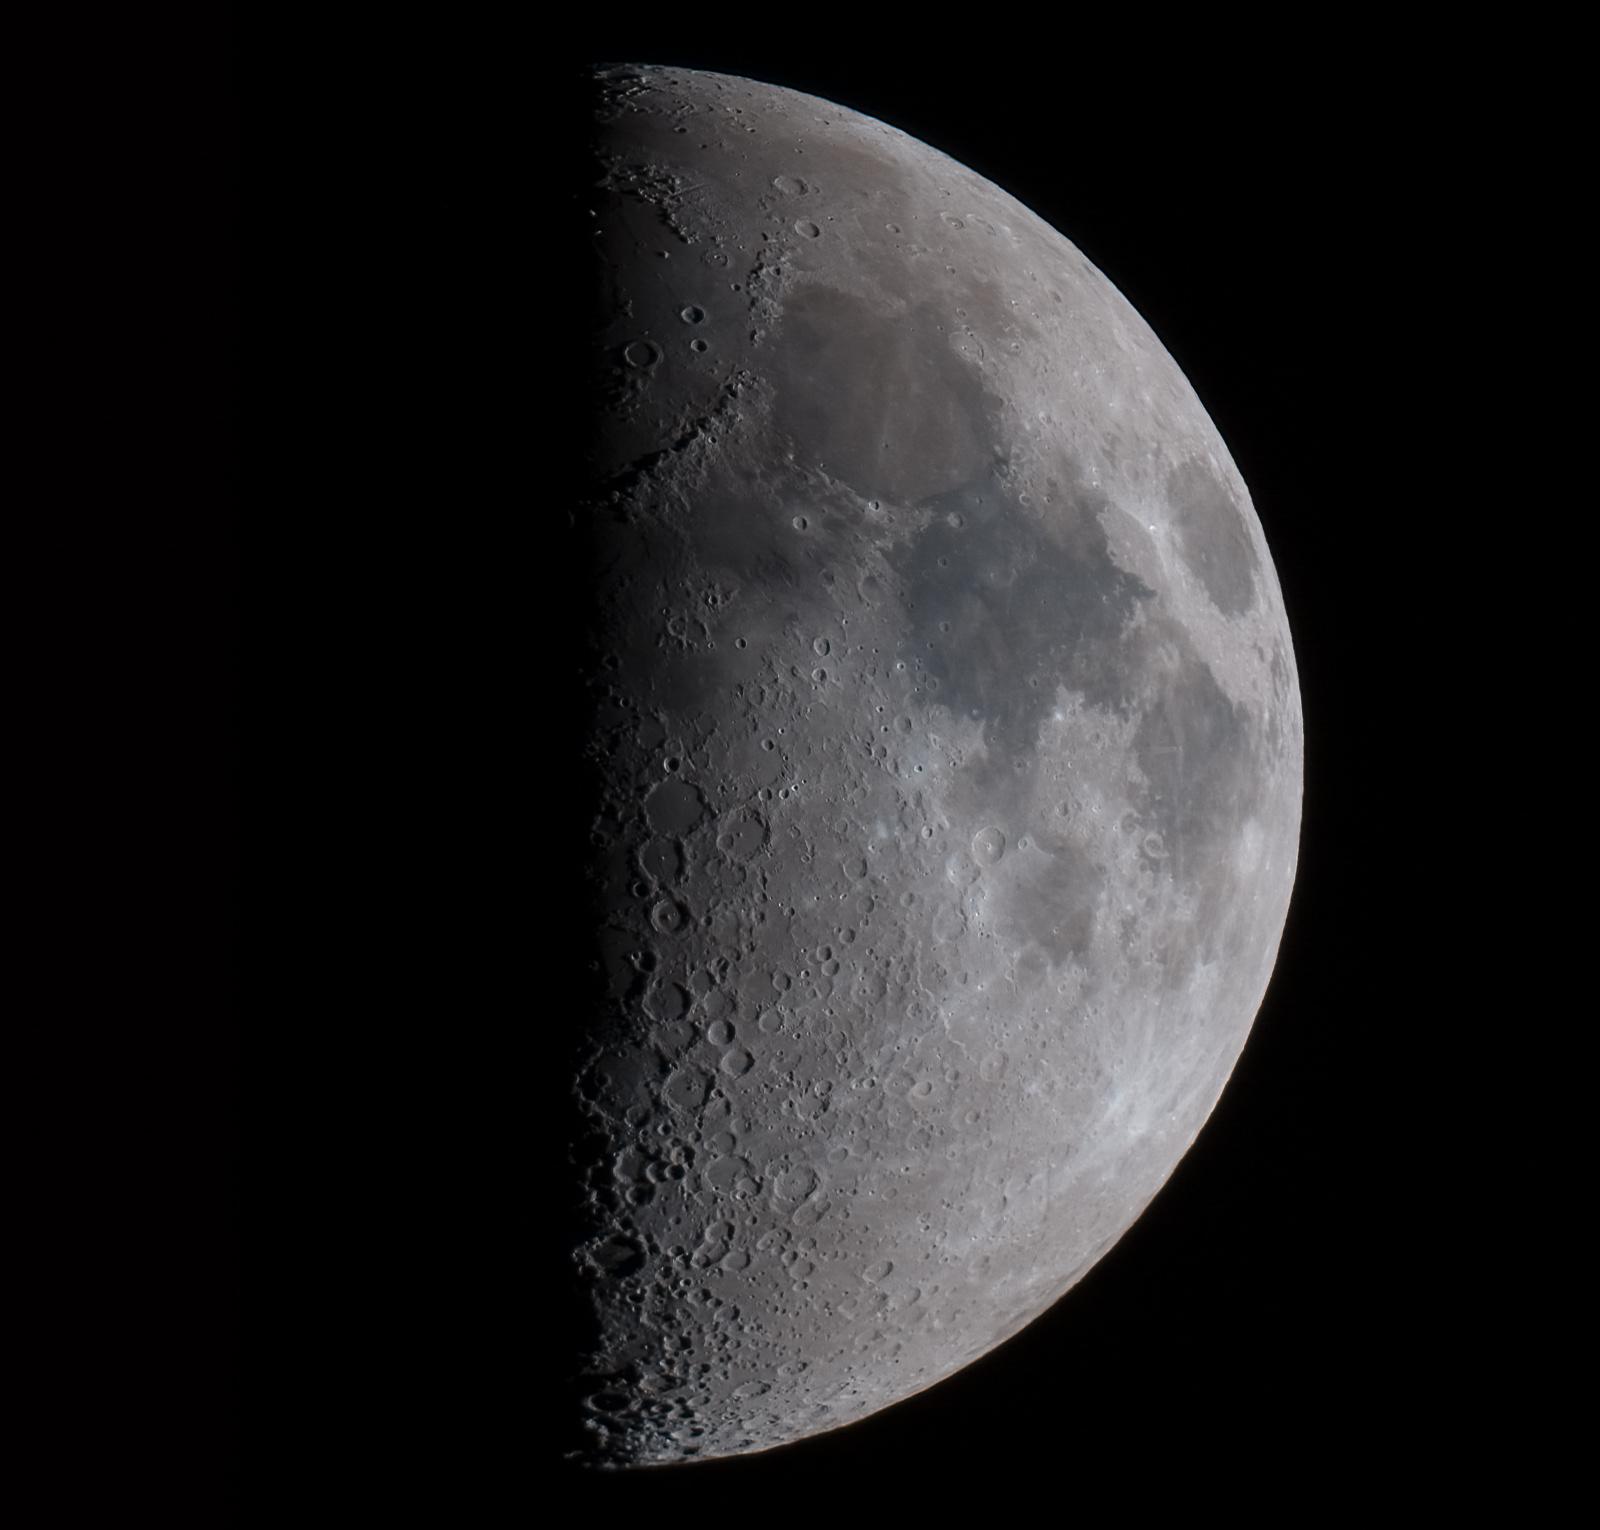 moon-2021-05-19.jpg